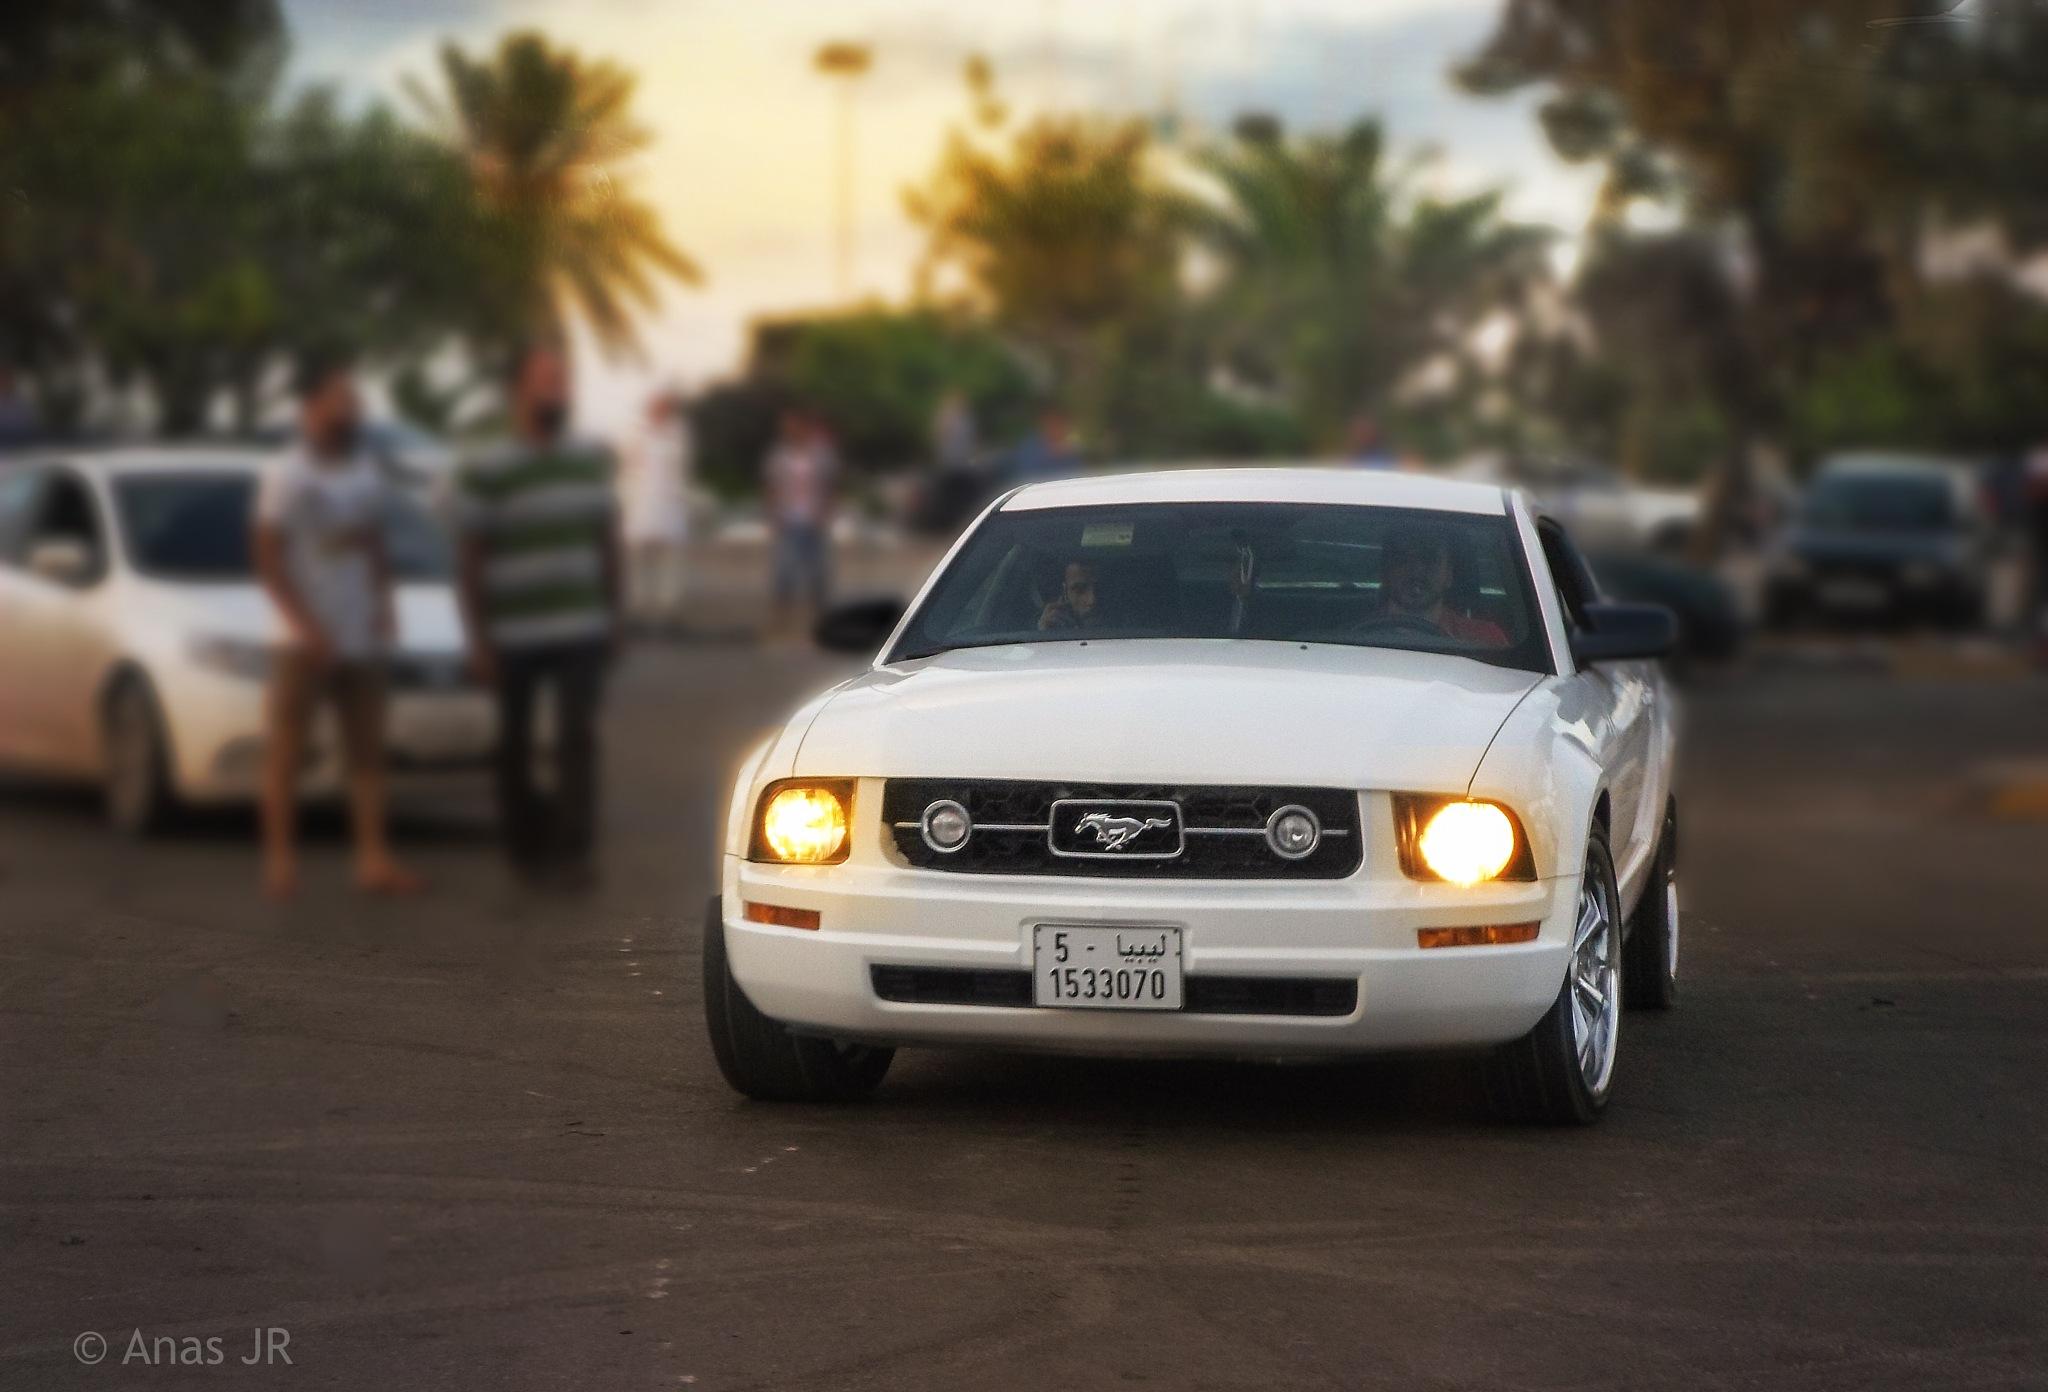 Fourd Mustang  by Anas Jadoor